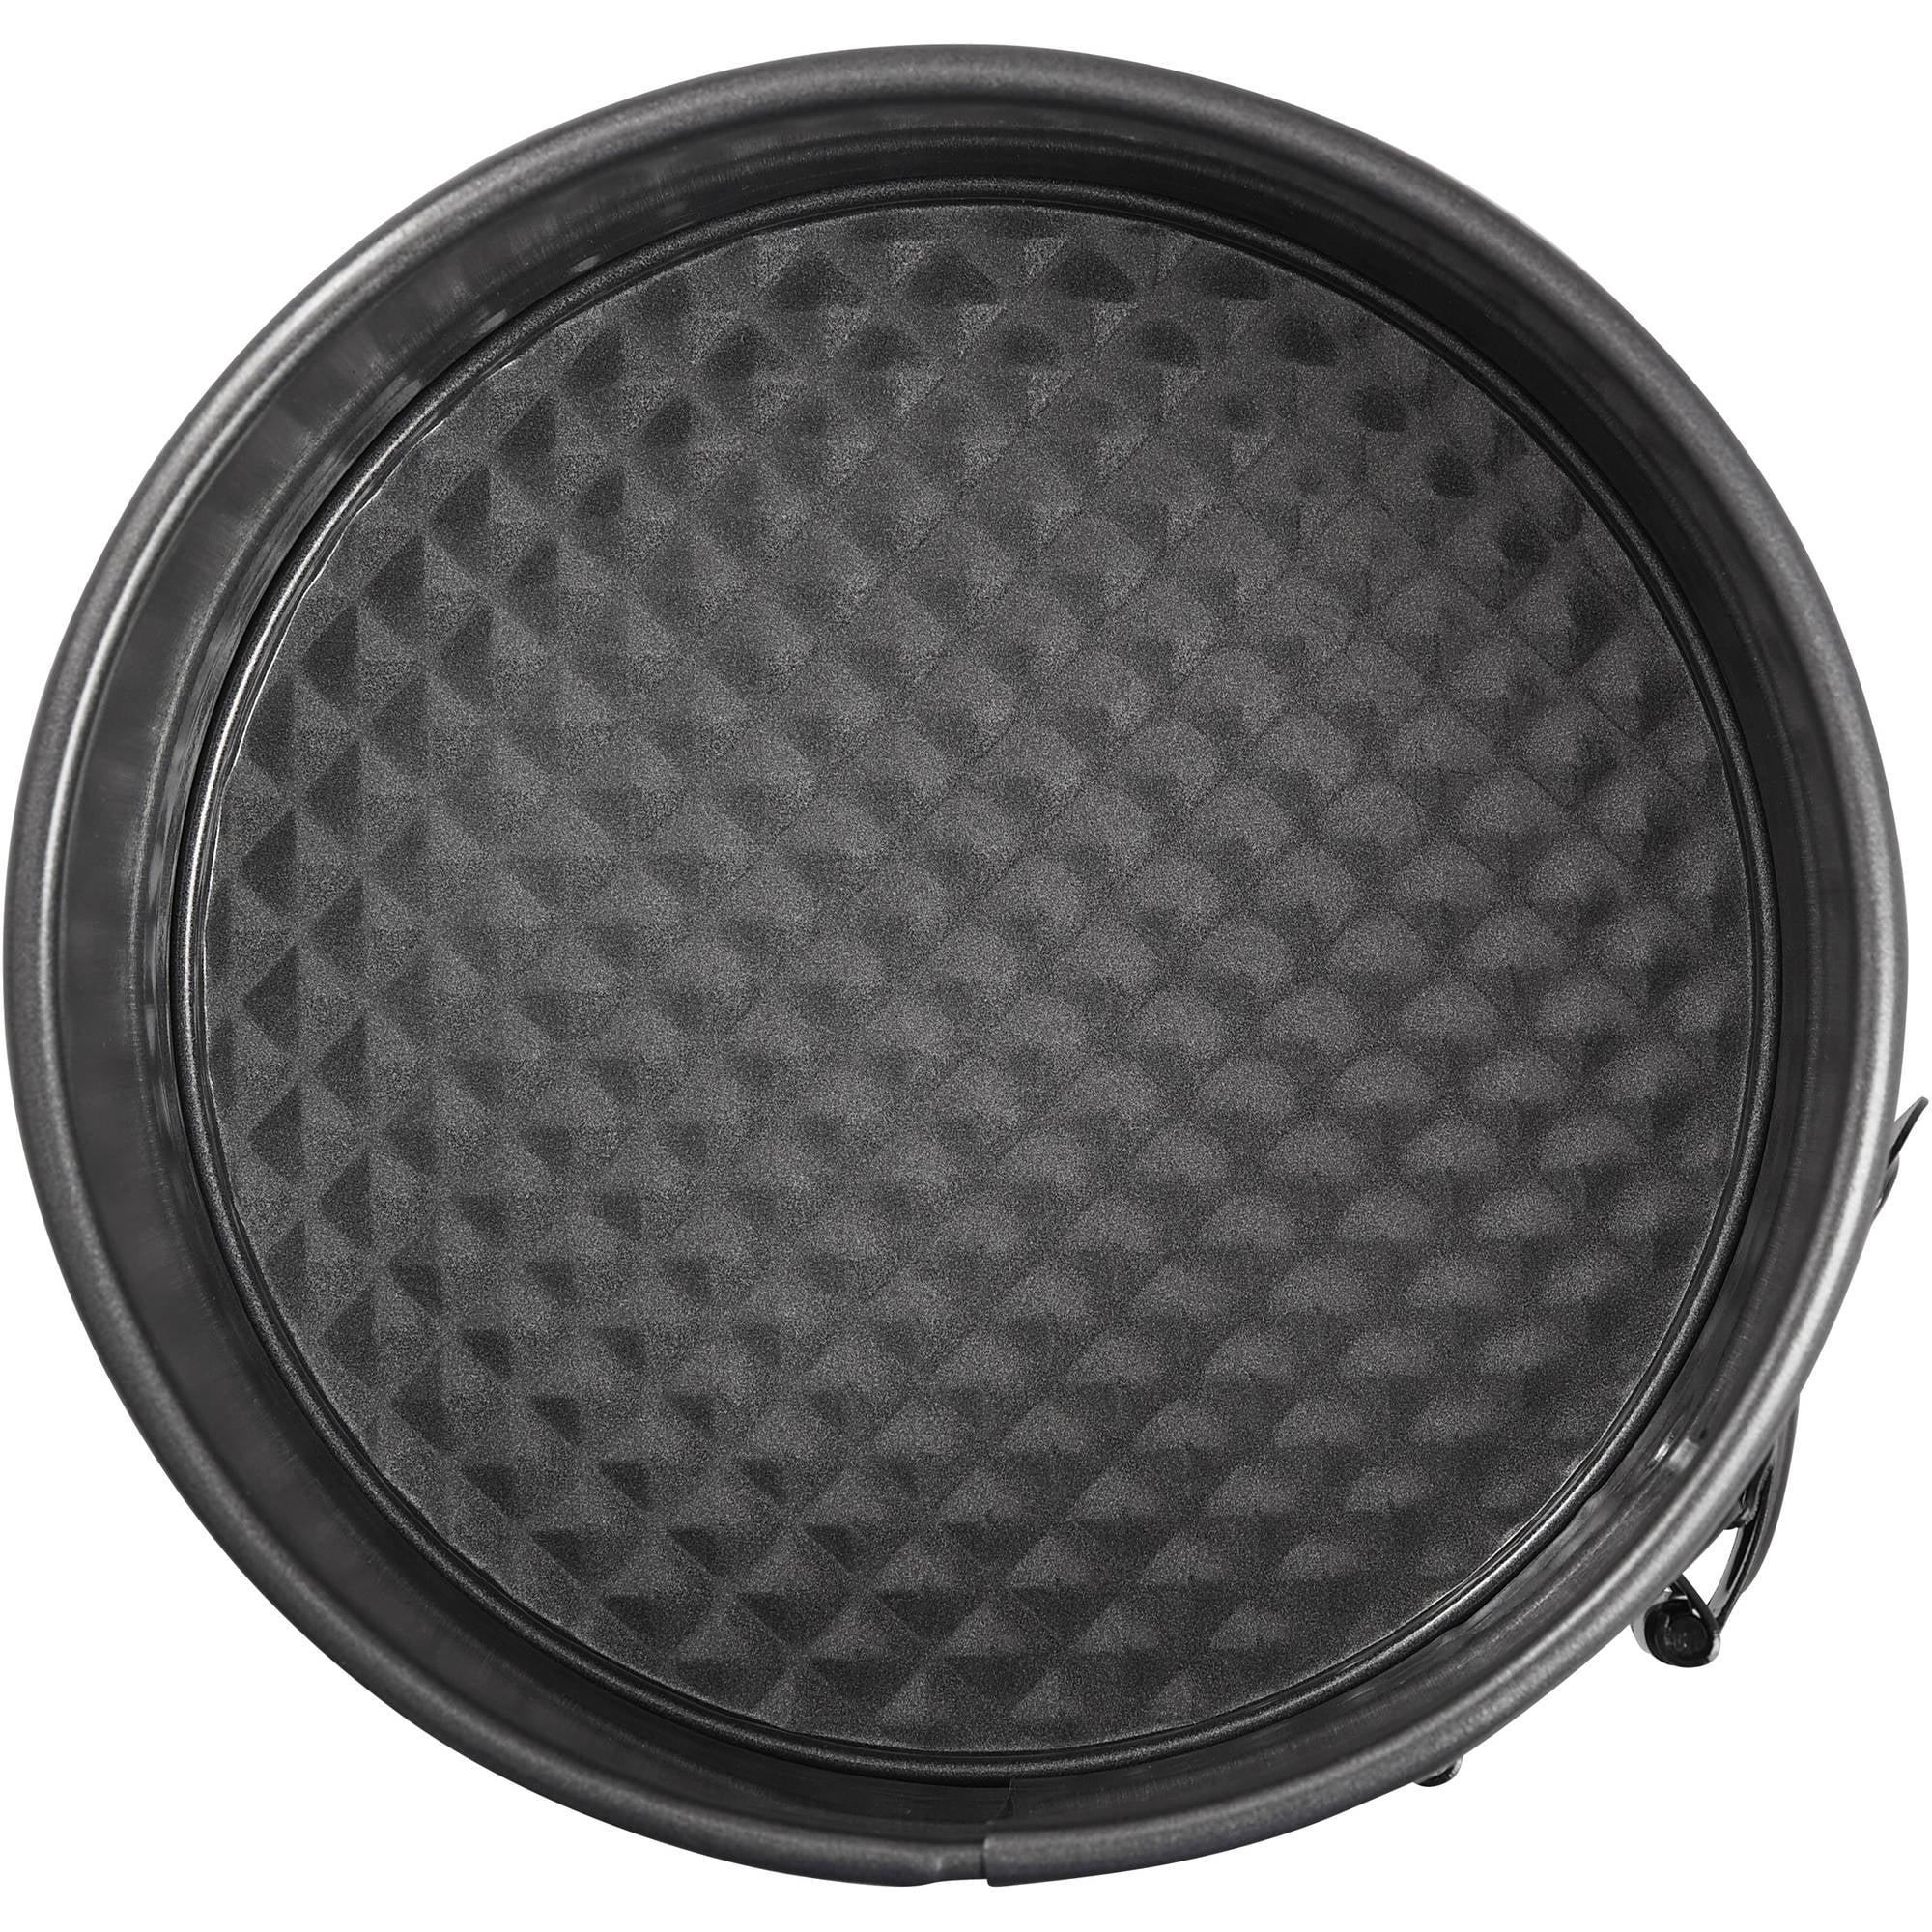 6 Wilton Excelle Elite 4 10-Inch Springform Pans 9